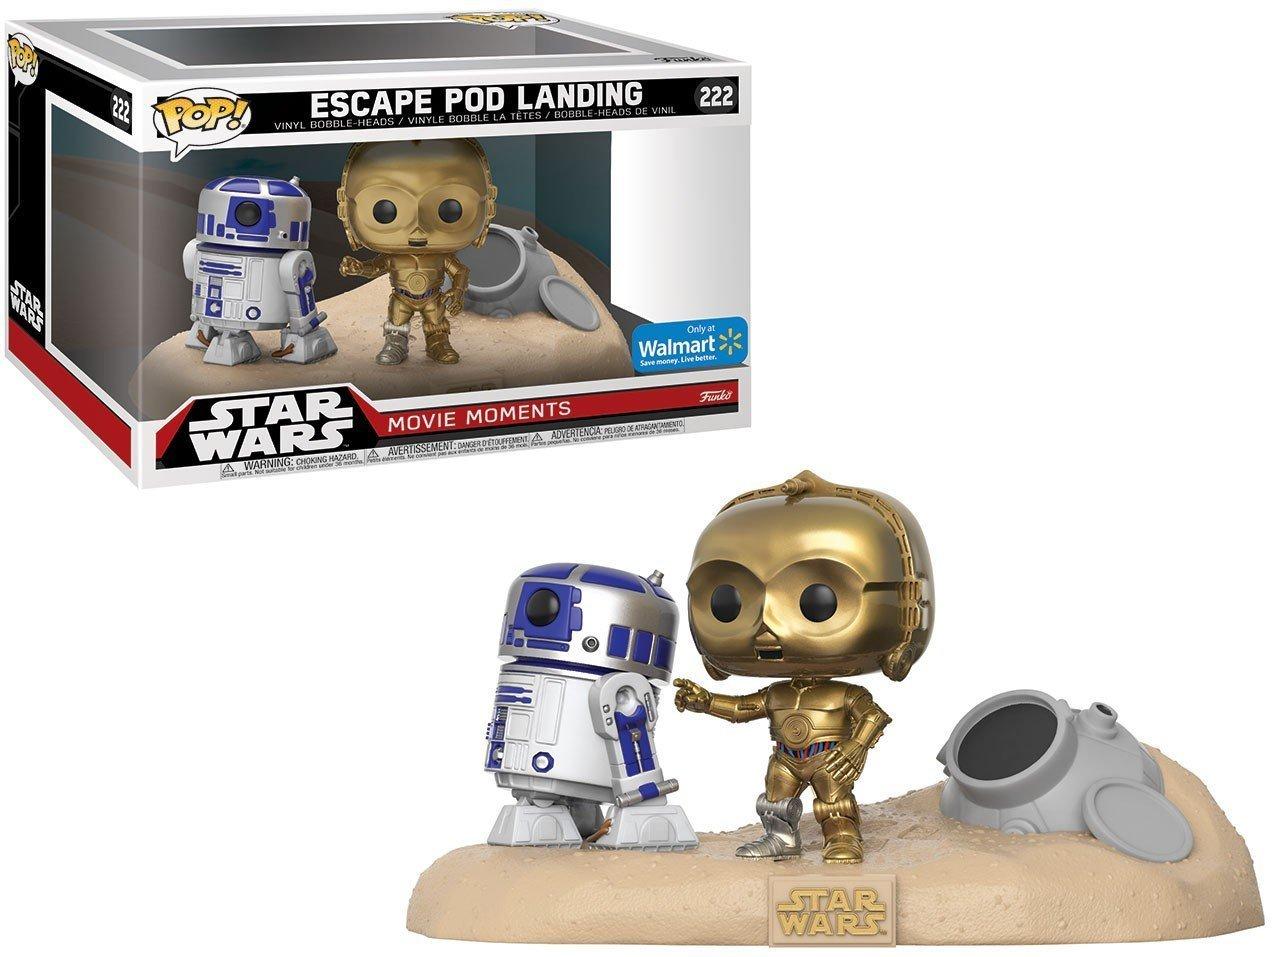 Figura Pop! Star Wars R2-D2 & C-3PO Desert Exclusive: Amazon.es: Juguetes y juegos